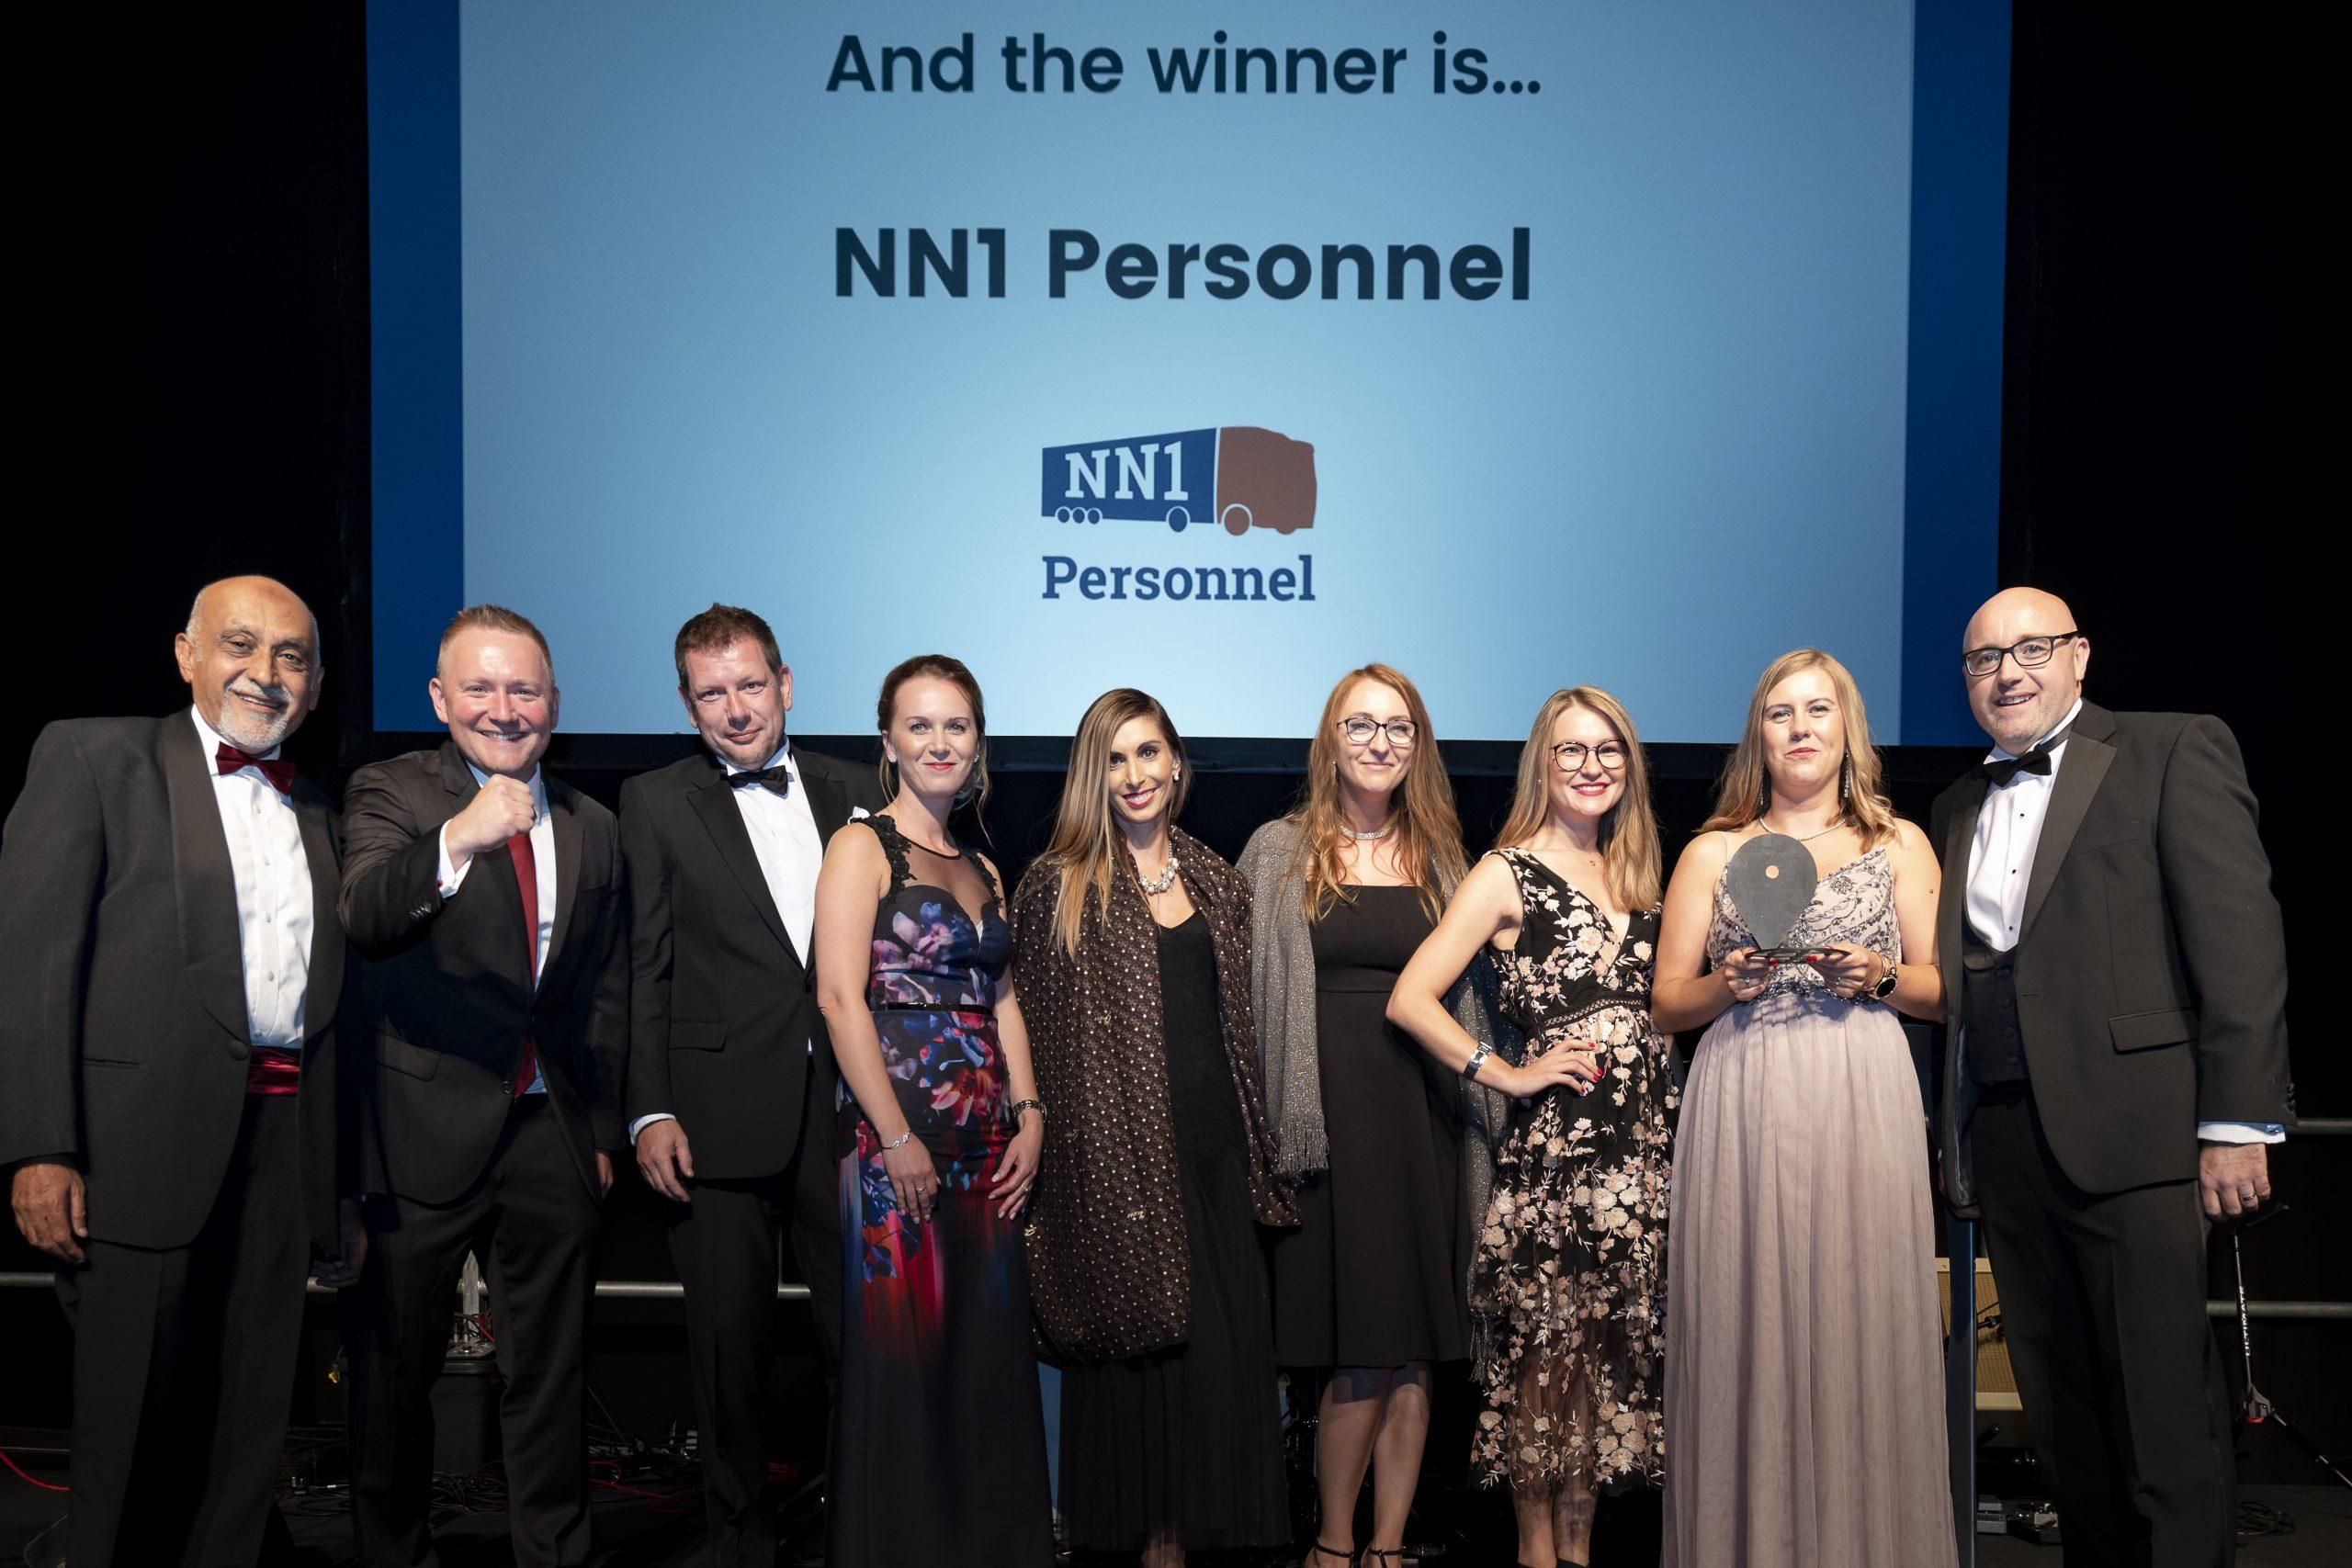 NN1 Personnel Winners